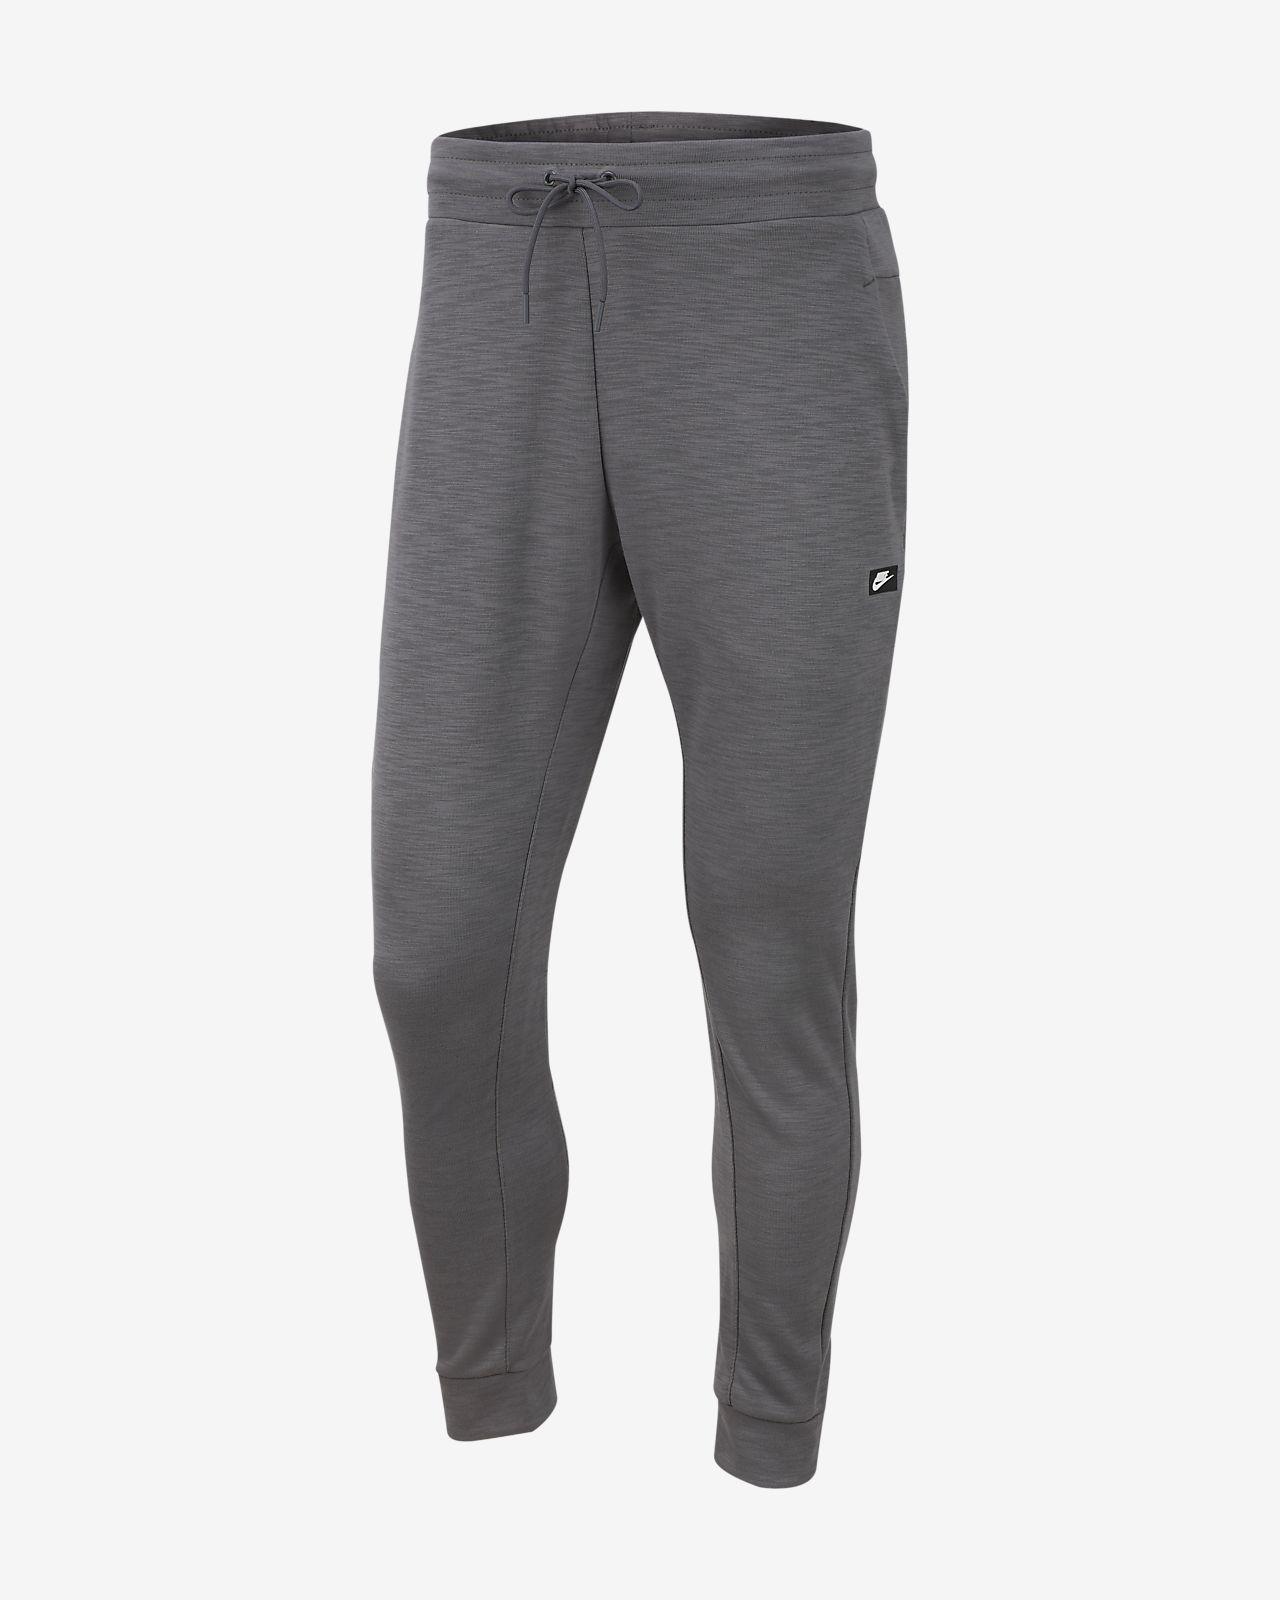 Ανδρικό παντελόνι φόρμας Nike Sportswear. Nike.com GR eafe298c2d3